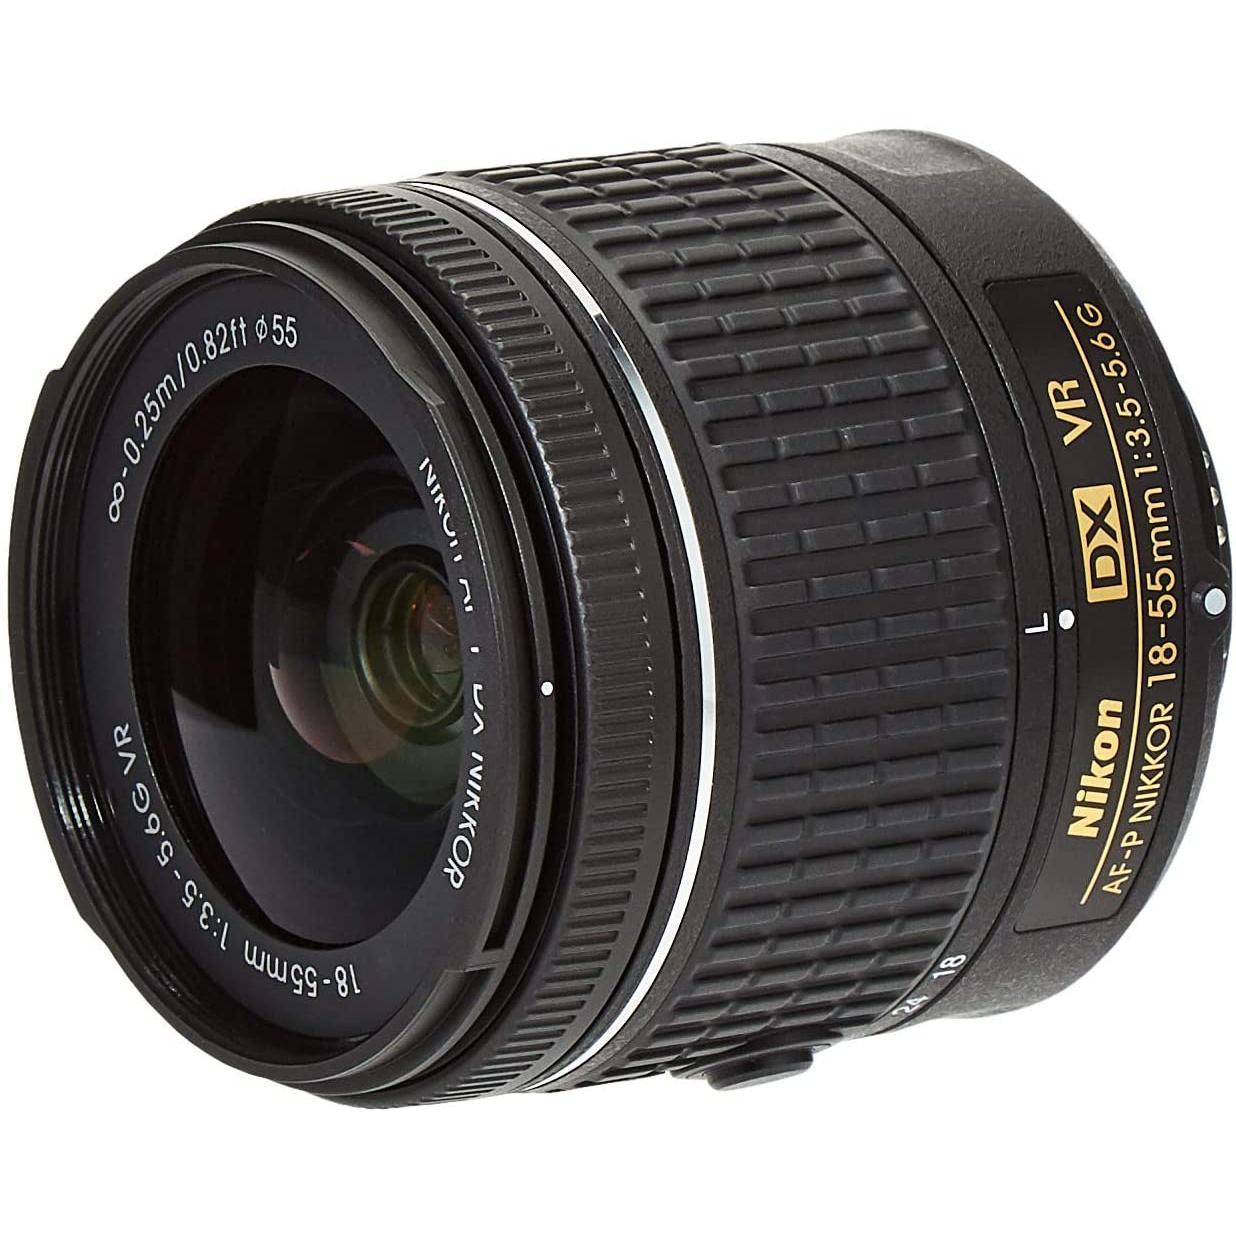 Φωτογραφικός φακός F 18-55mm f/3.5-5.6